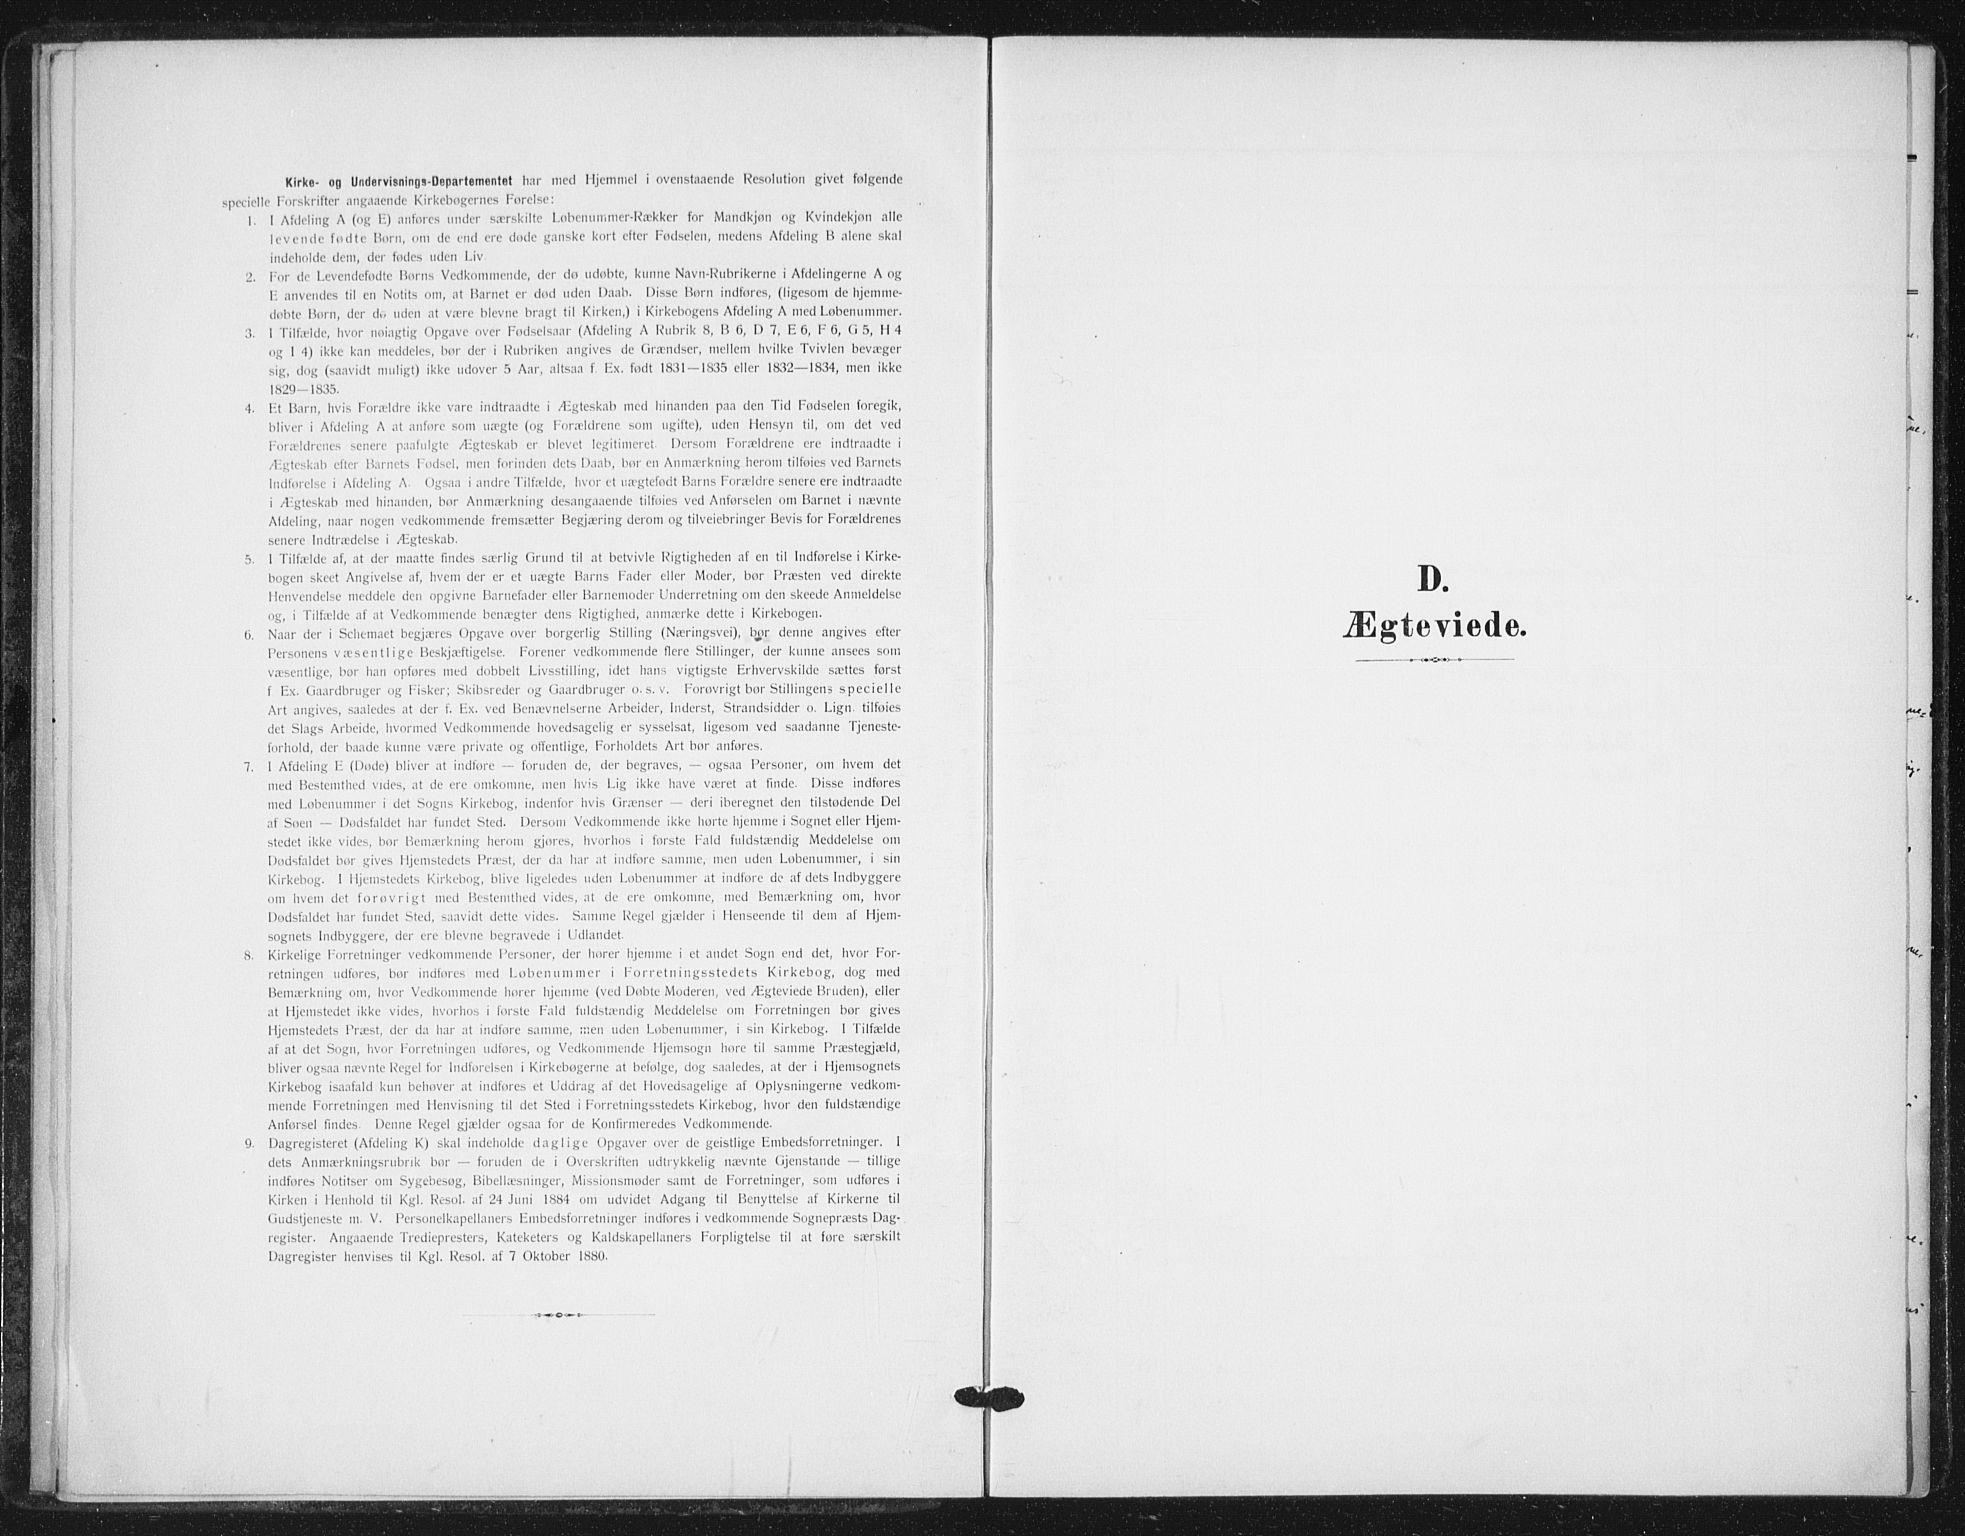 SAT, Ministerialprotokoller, klokkerbøker og fødselsregistre - Sør-Trøndelag, 623/L0472: Ministerialbok nr. 623A06, 1907-1938